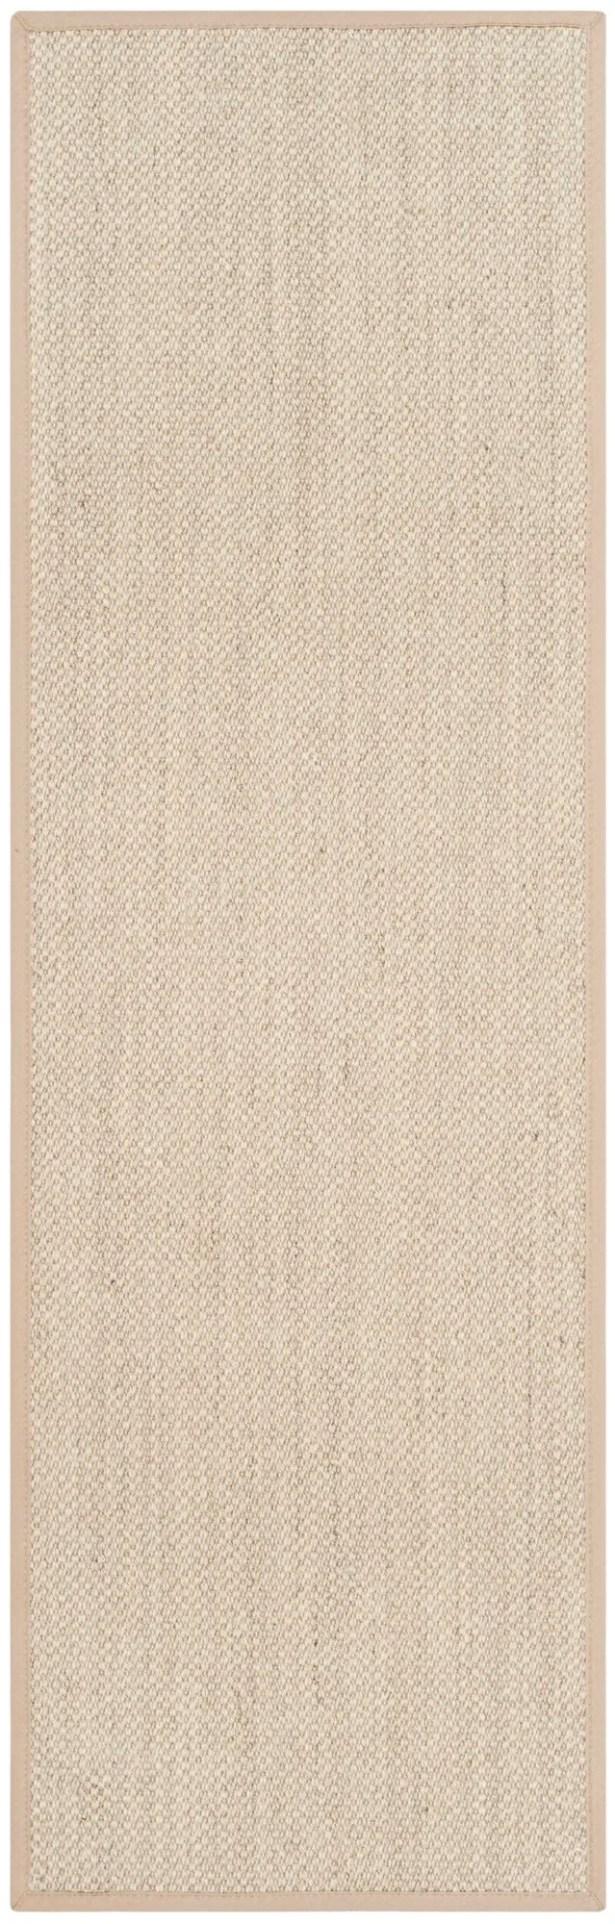 Monadnock Marble / Linen Area Rug Rug Size: Runner 2'6